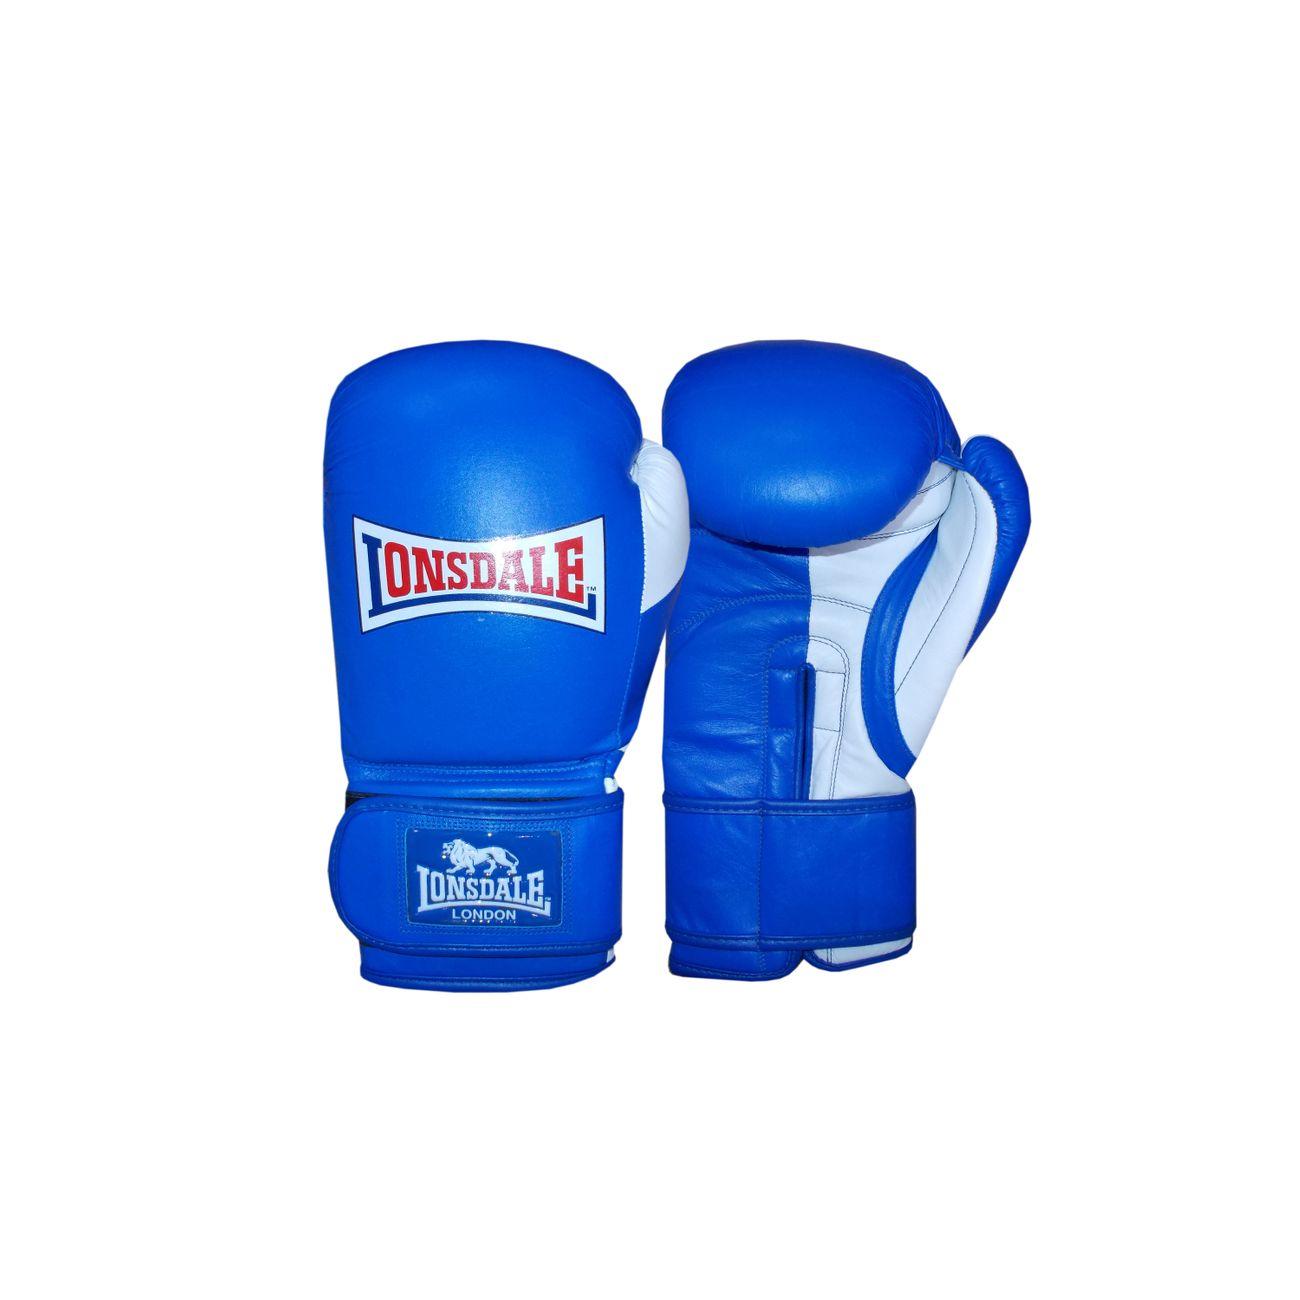 Safe Boxe Gant Lonsdale De Spar Anglaise Adulte Pro PXiZku